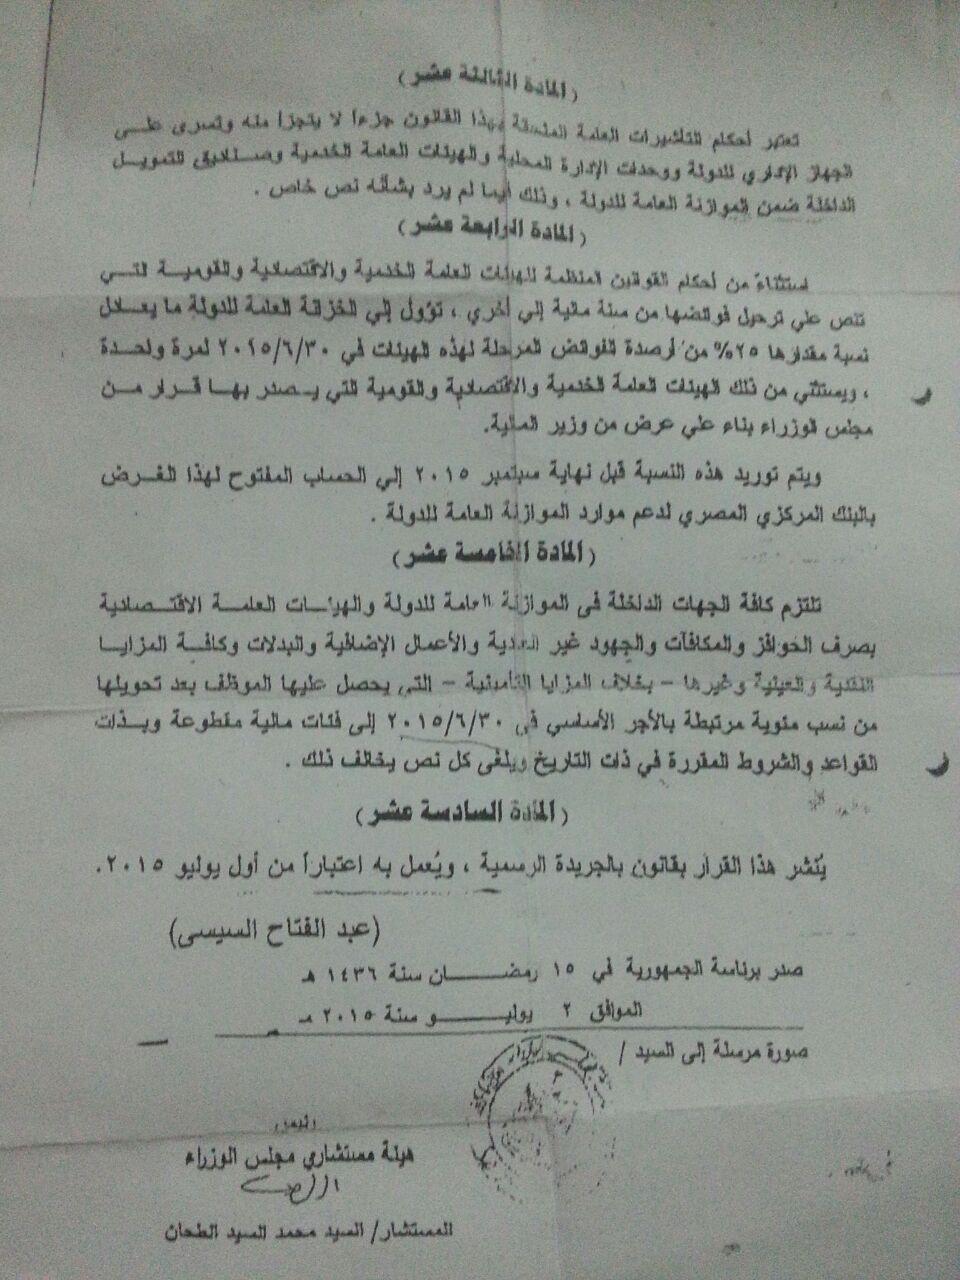 معلمو فارسكو يطالبون بإقالة مدير الإدارة التعليمية بسبب مكافأة الامتحانات